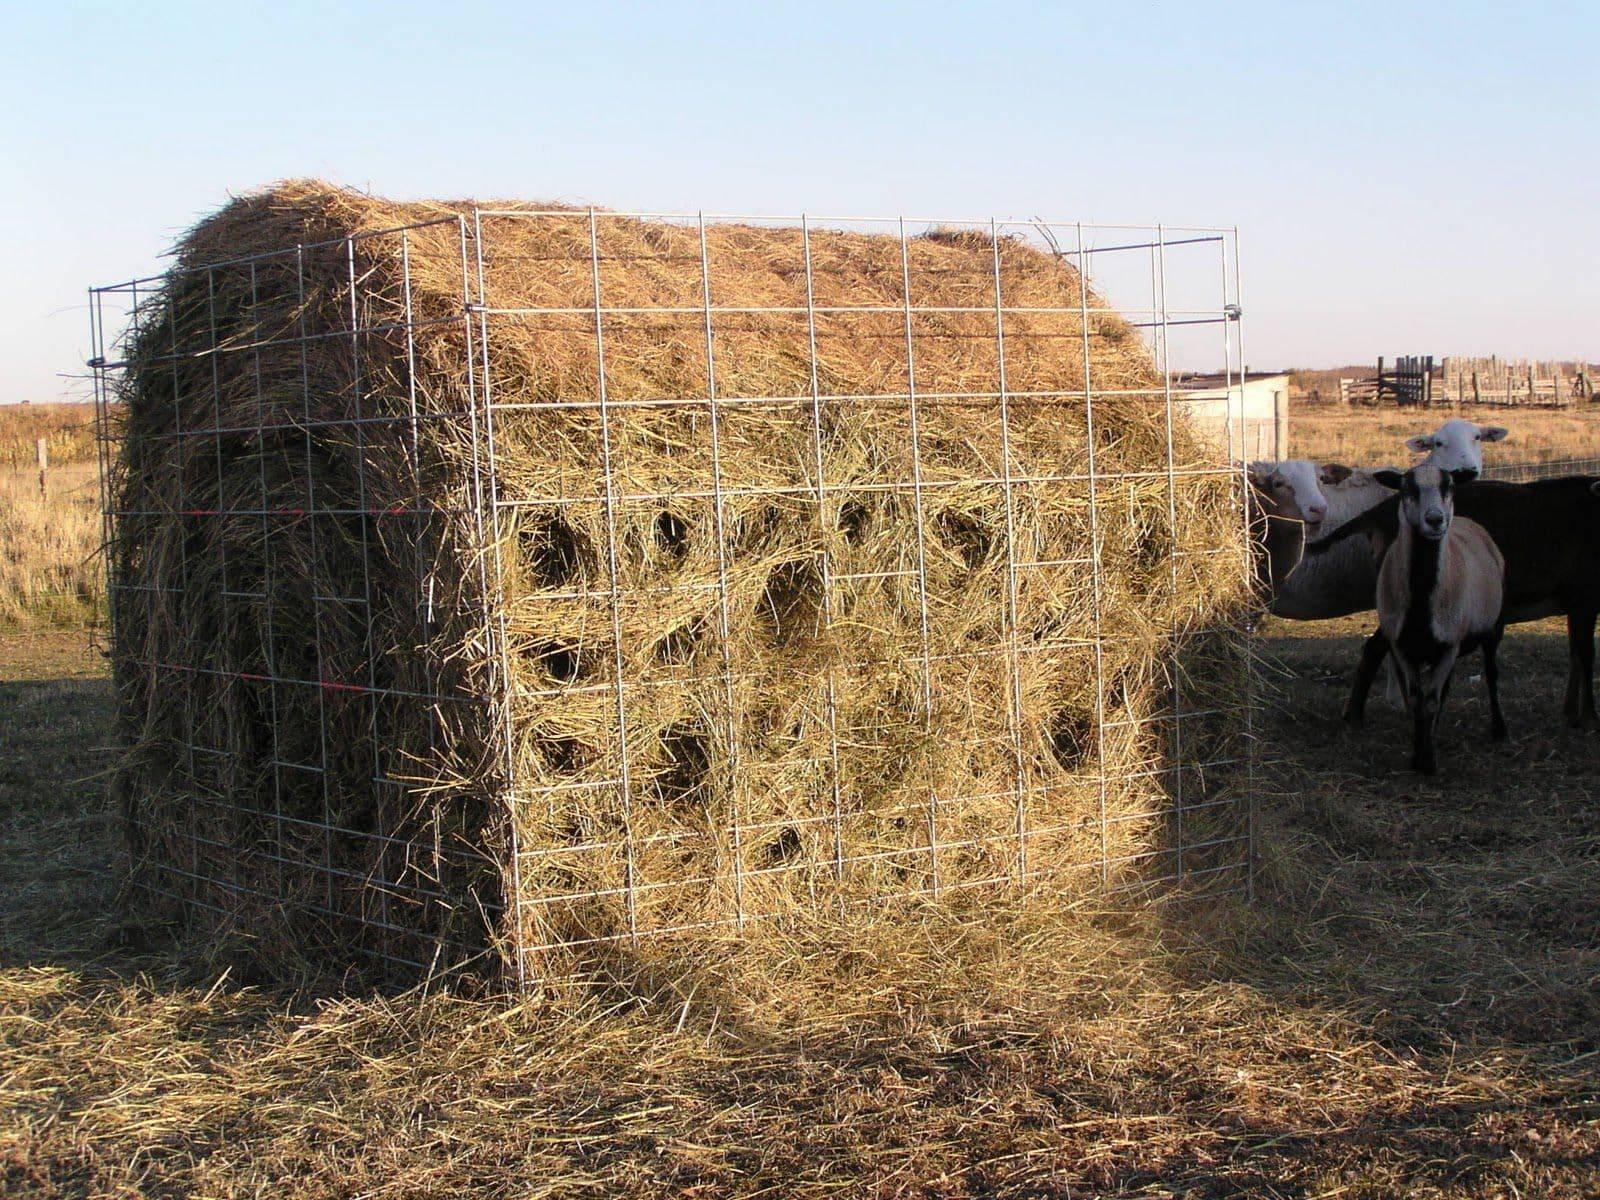 Как сделать кормушку для коров своими руками, под сено